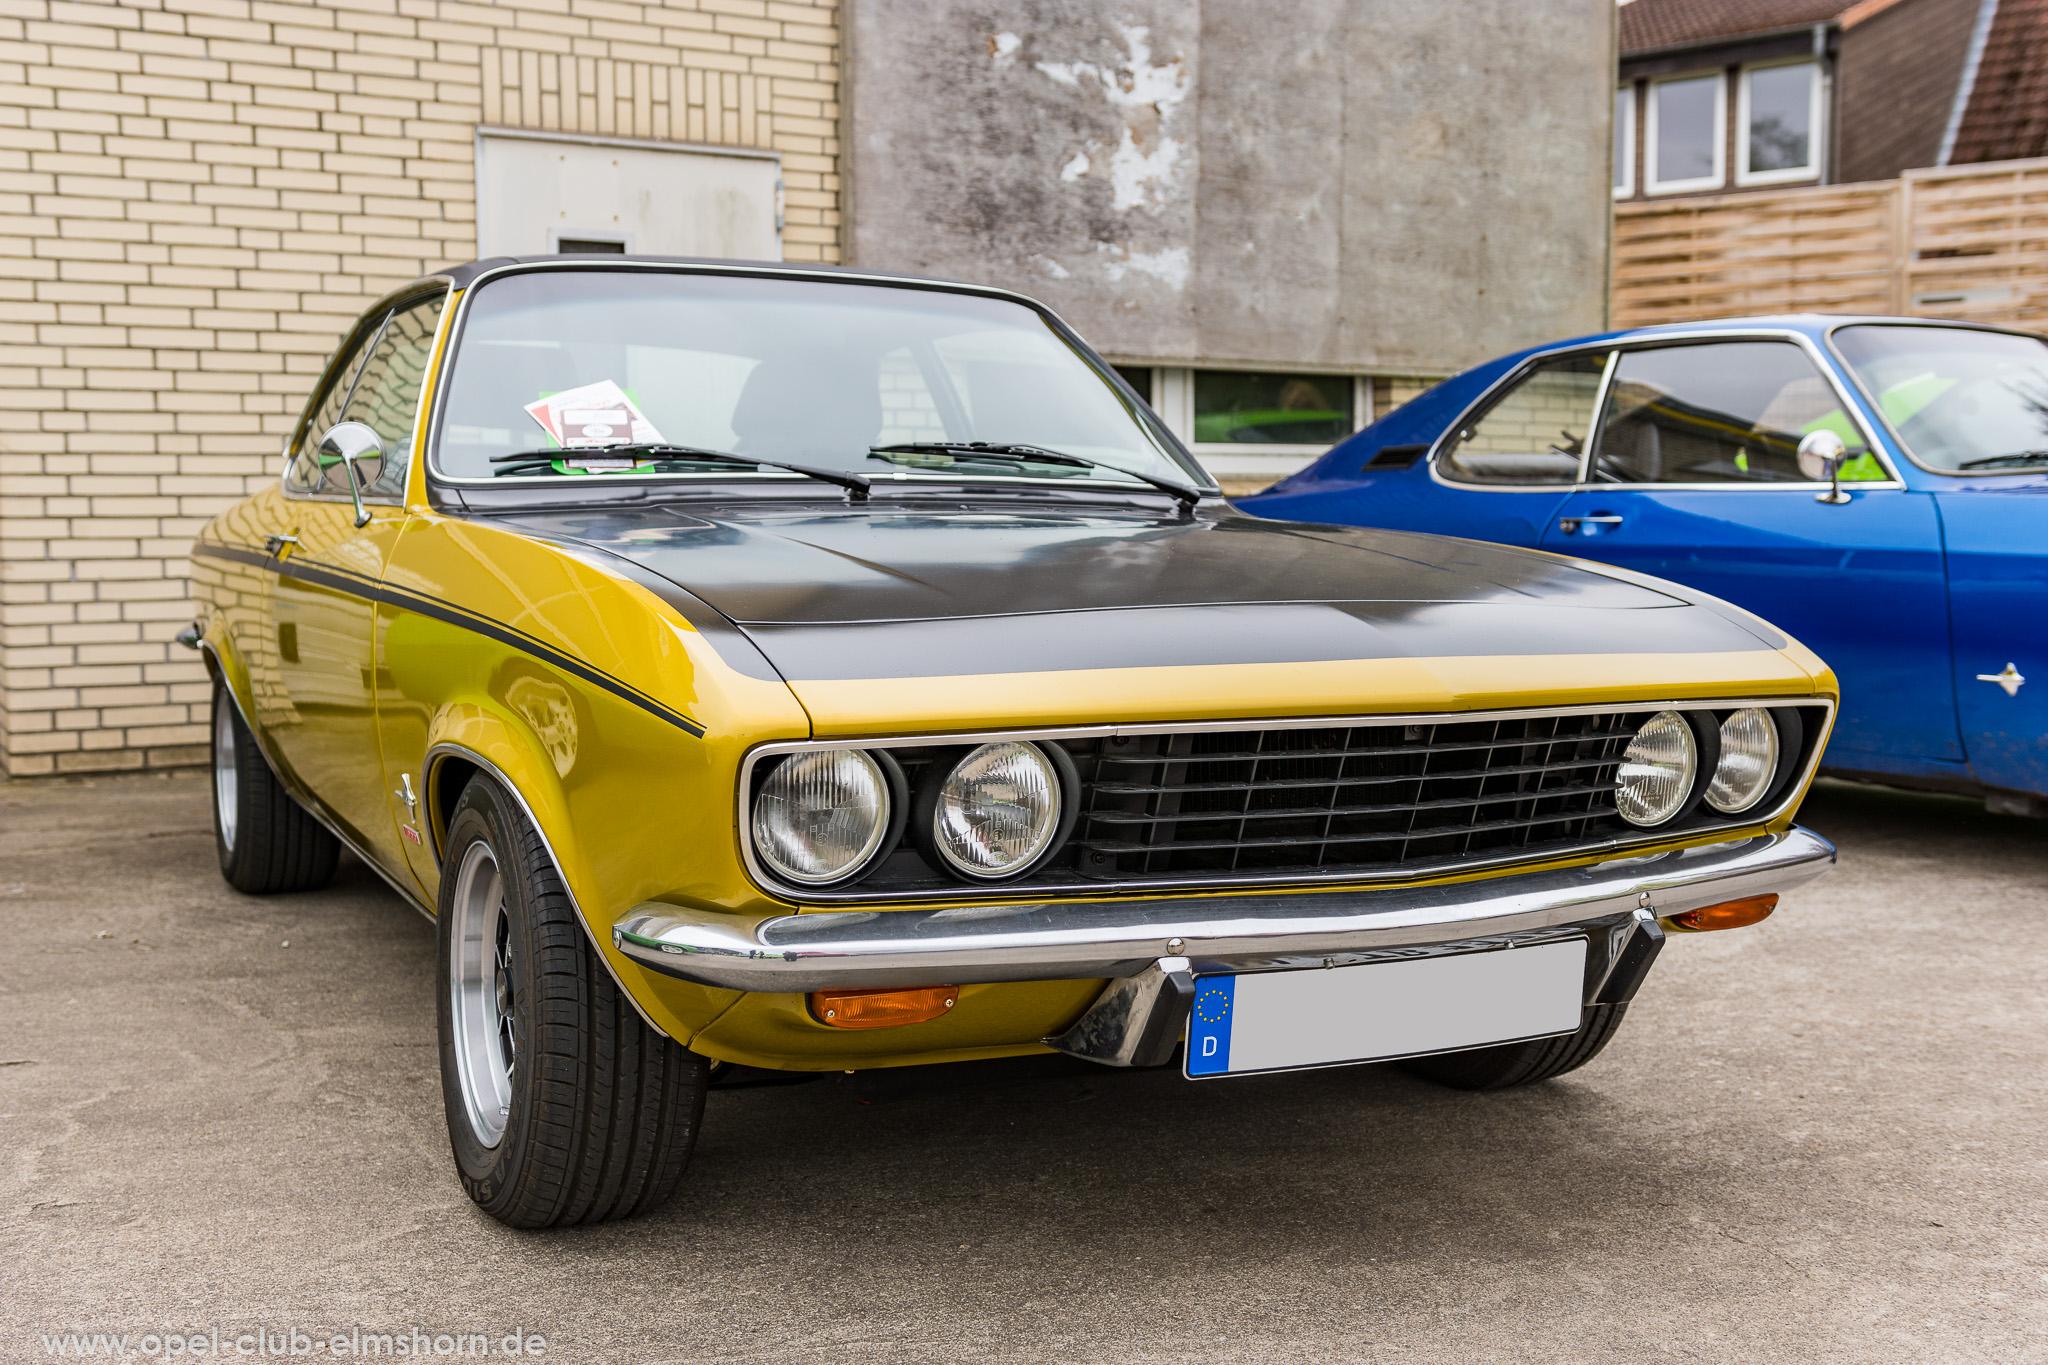 Altopeltreffen Wedel 2019 - 20190501_122615 - Opel Manta A